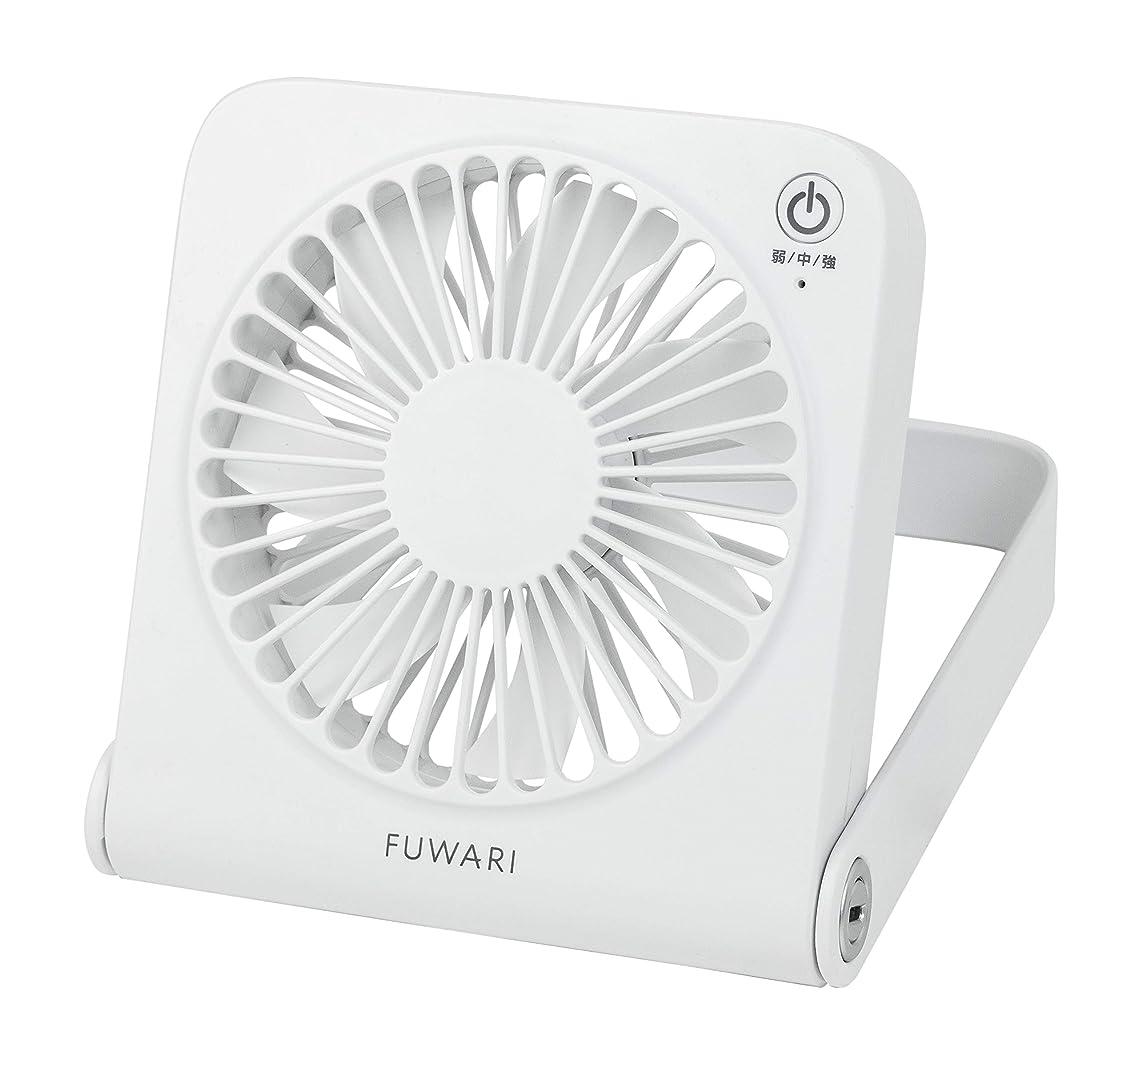 着実に昆虫繰り返した山善 扇風機 FUWARI ミニデスクファン PUSHスイッチ 7枚羽根 風量3段階調節 2WAY電源(USB/AC) ホワイト YTS-C50(W)